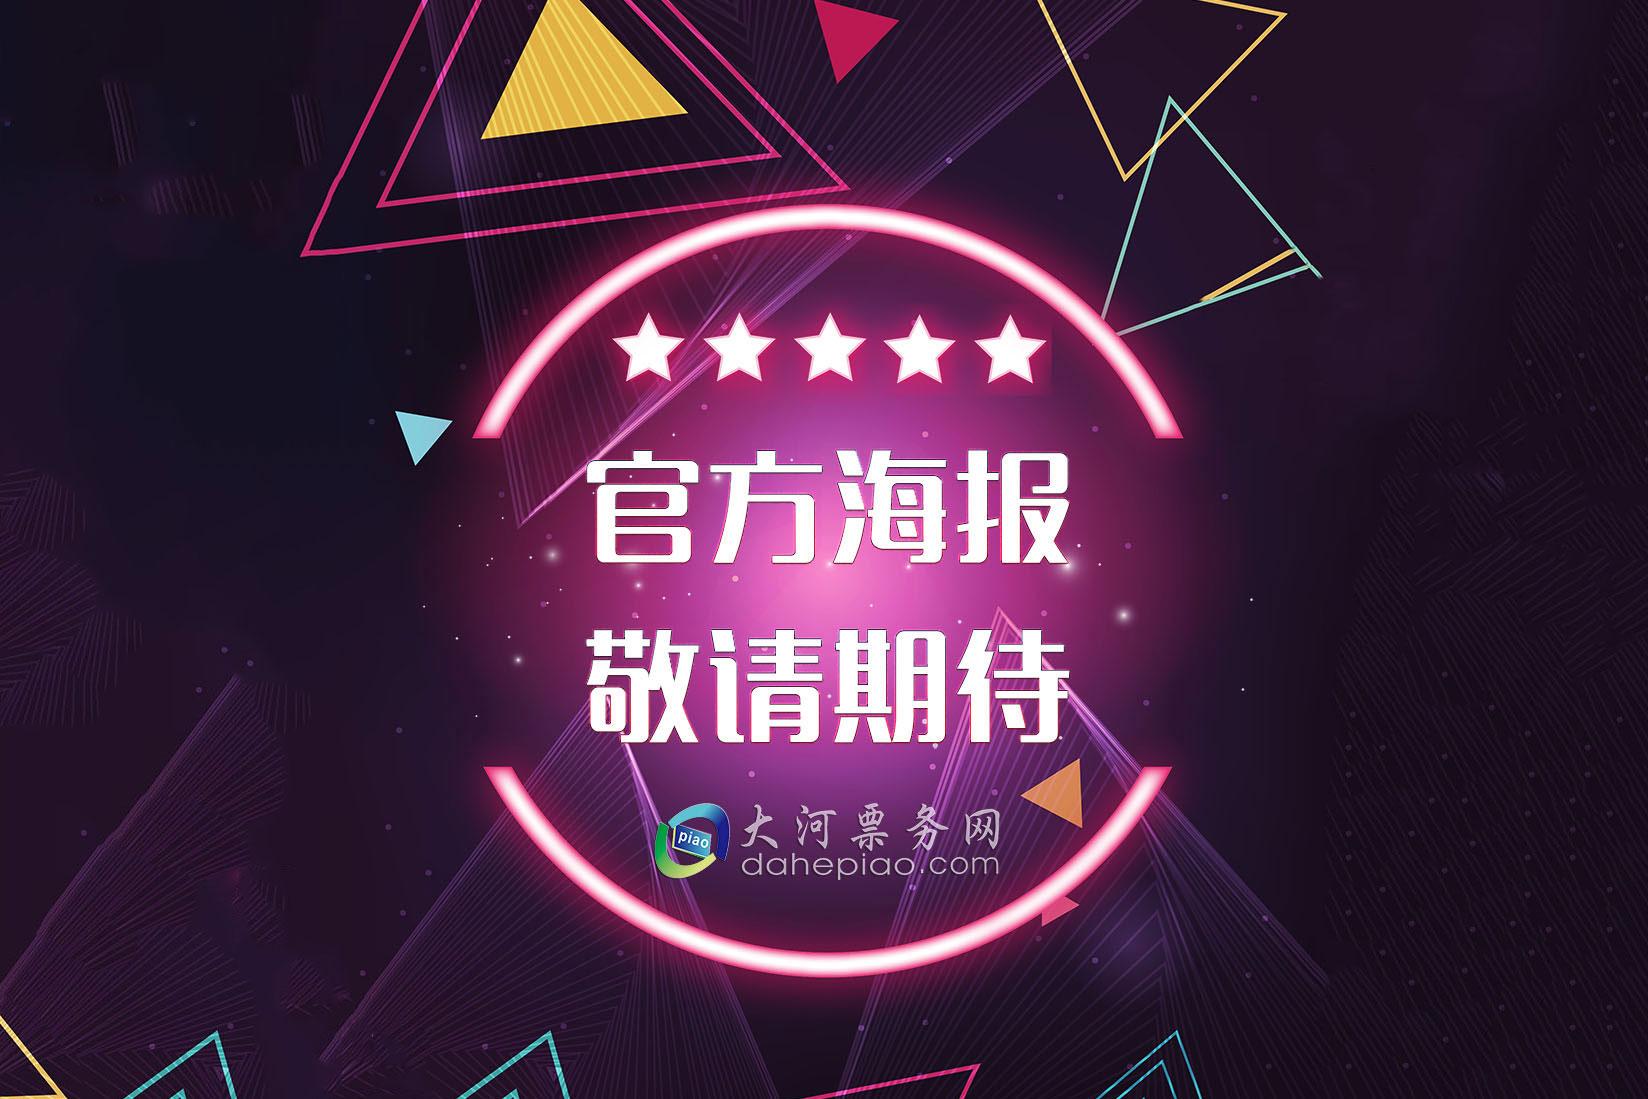 上海彩鹭音乐节门票